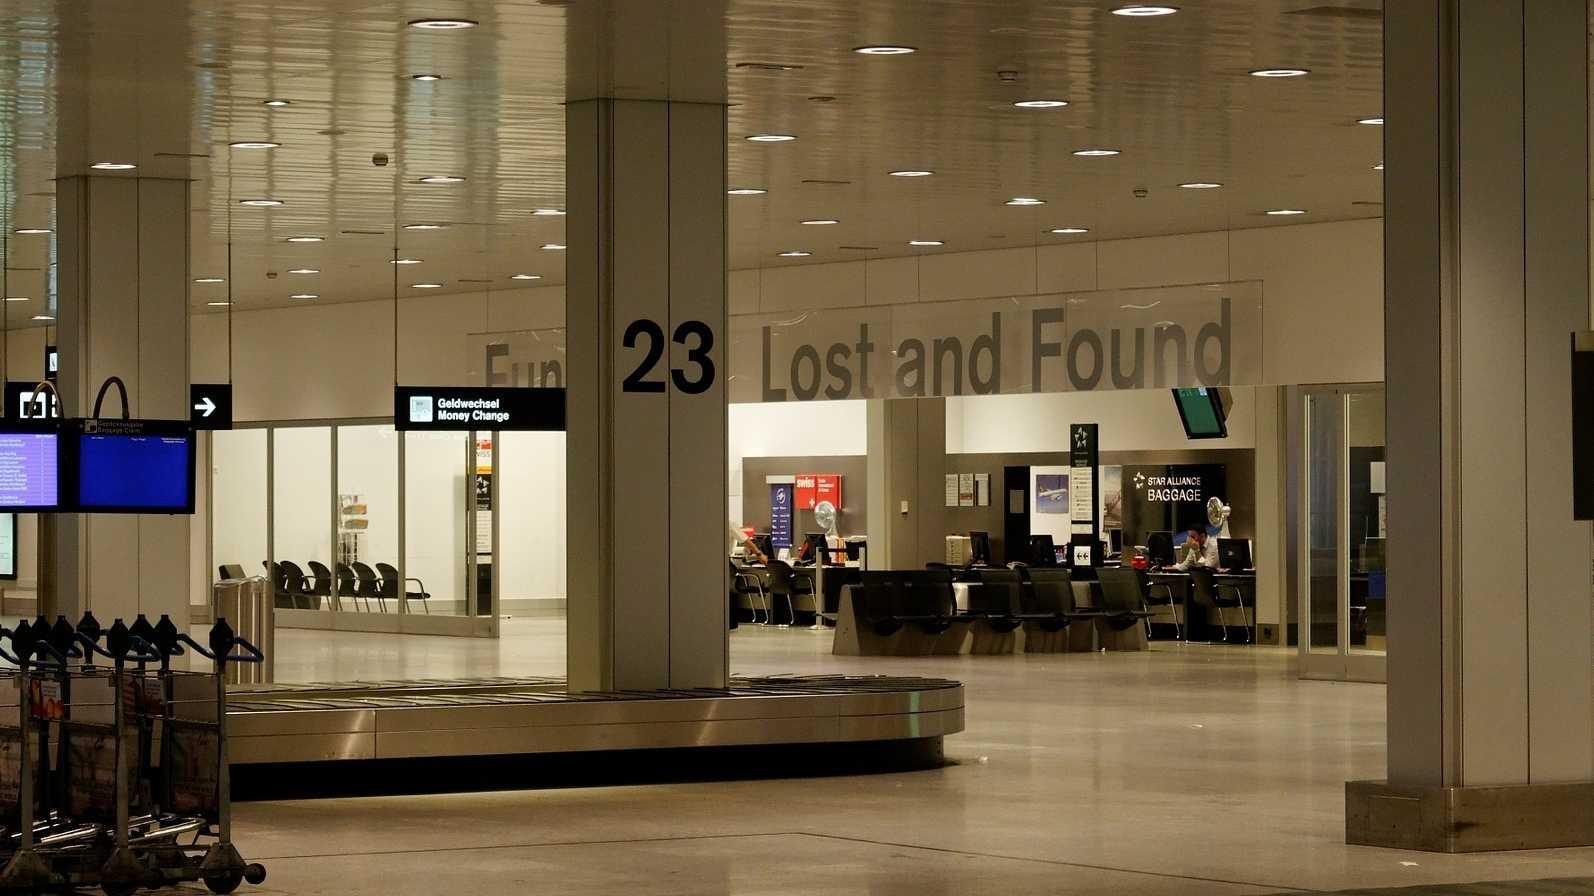 Gut gelandet, Koffer weg: Mit RFID-Chip gegen Verlust von Fluggepäck